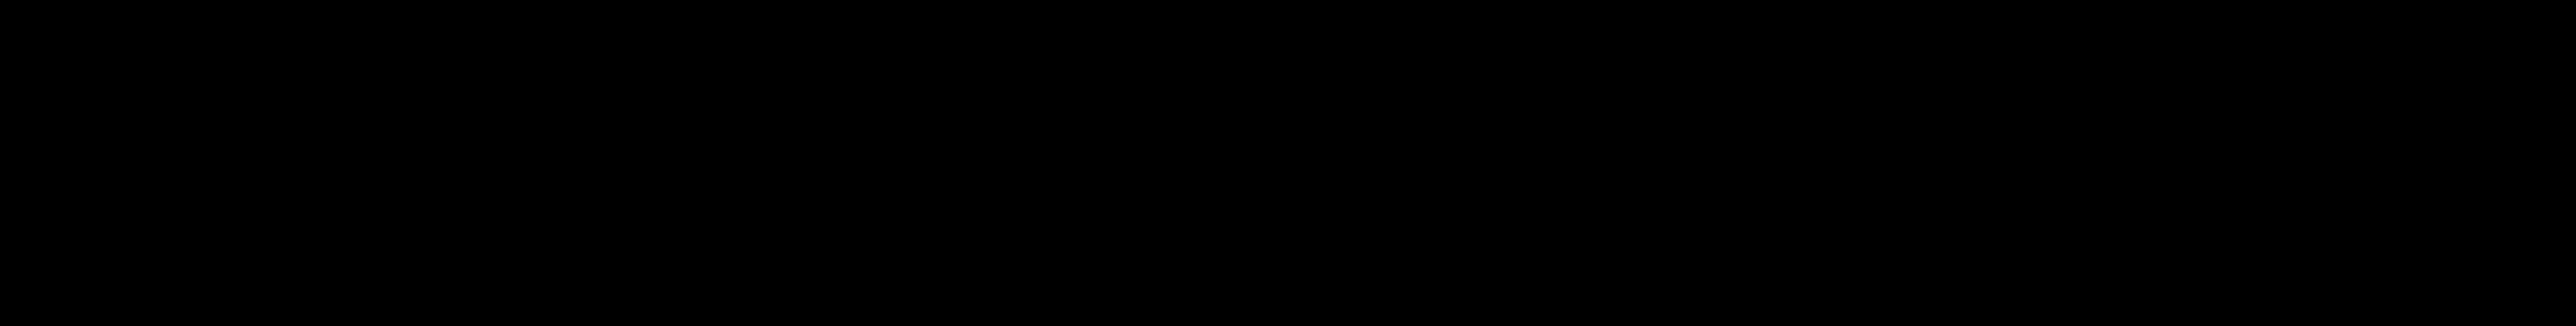 Vätra Munktellstaden logotype